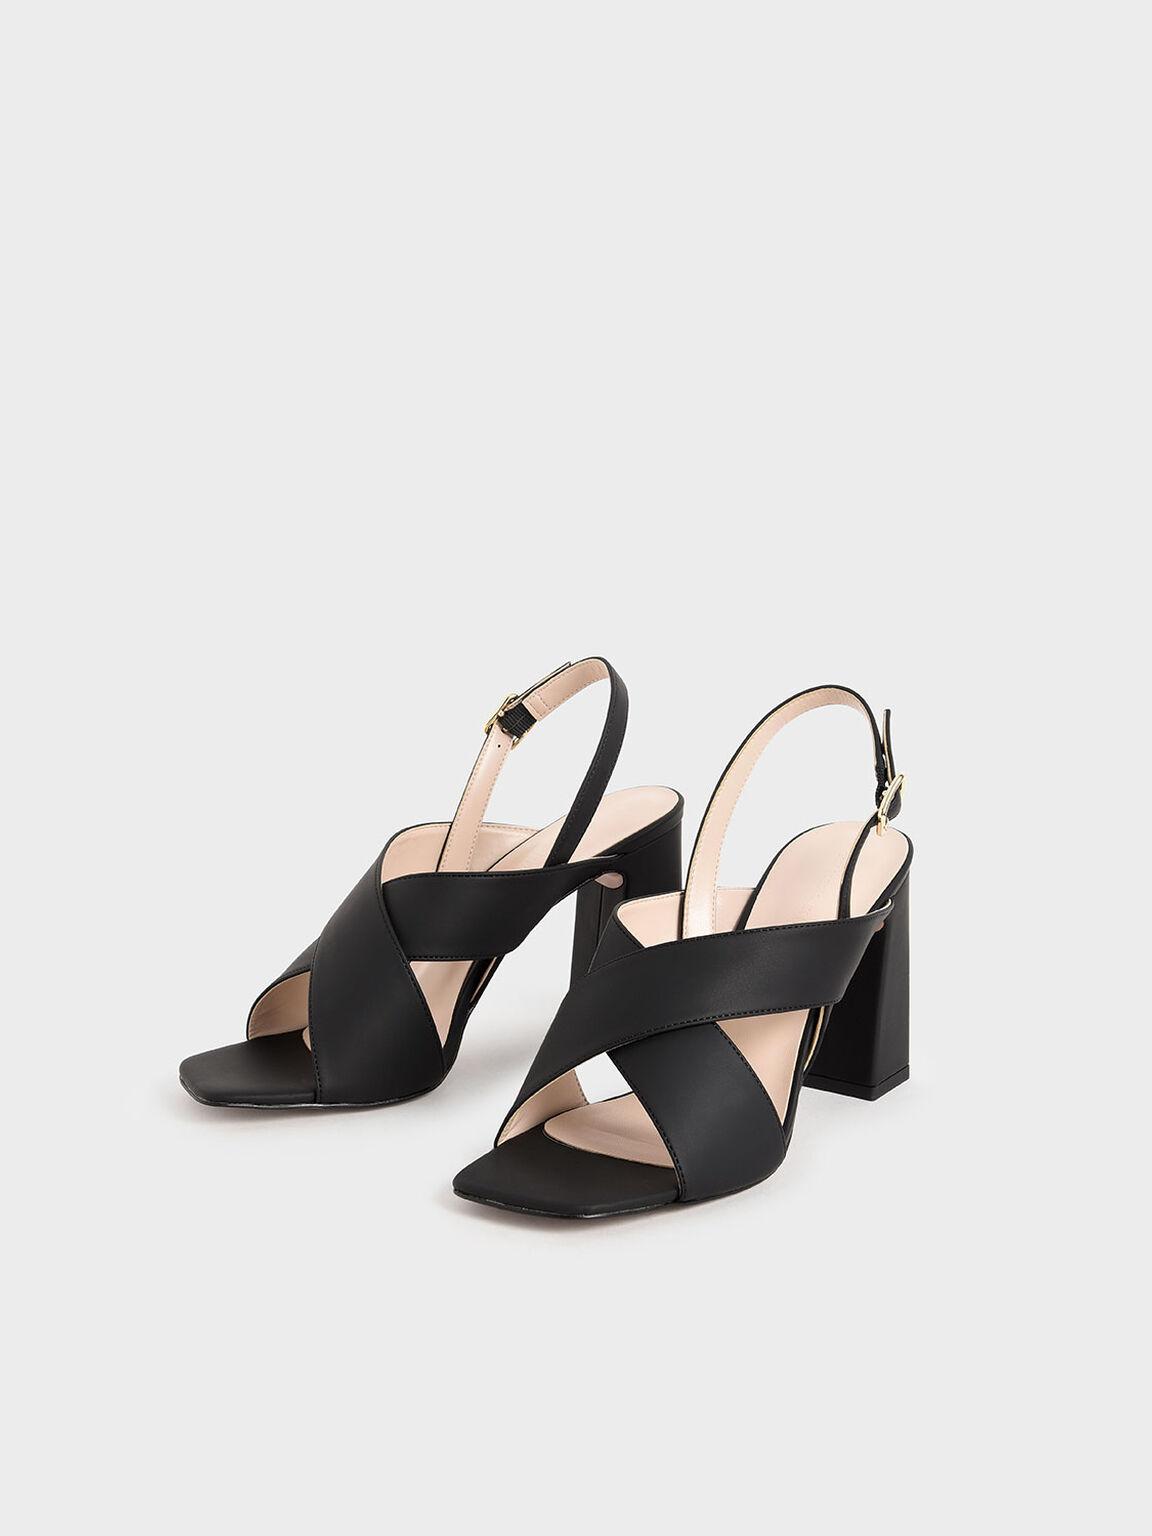 Criss-Cross Slingback Heeled Sandals, Black, hi-res